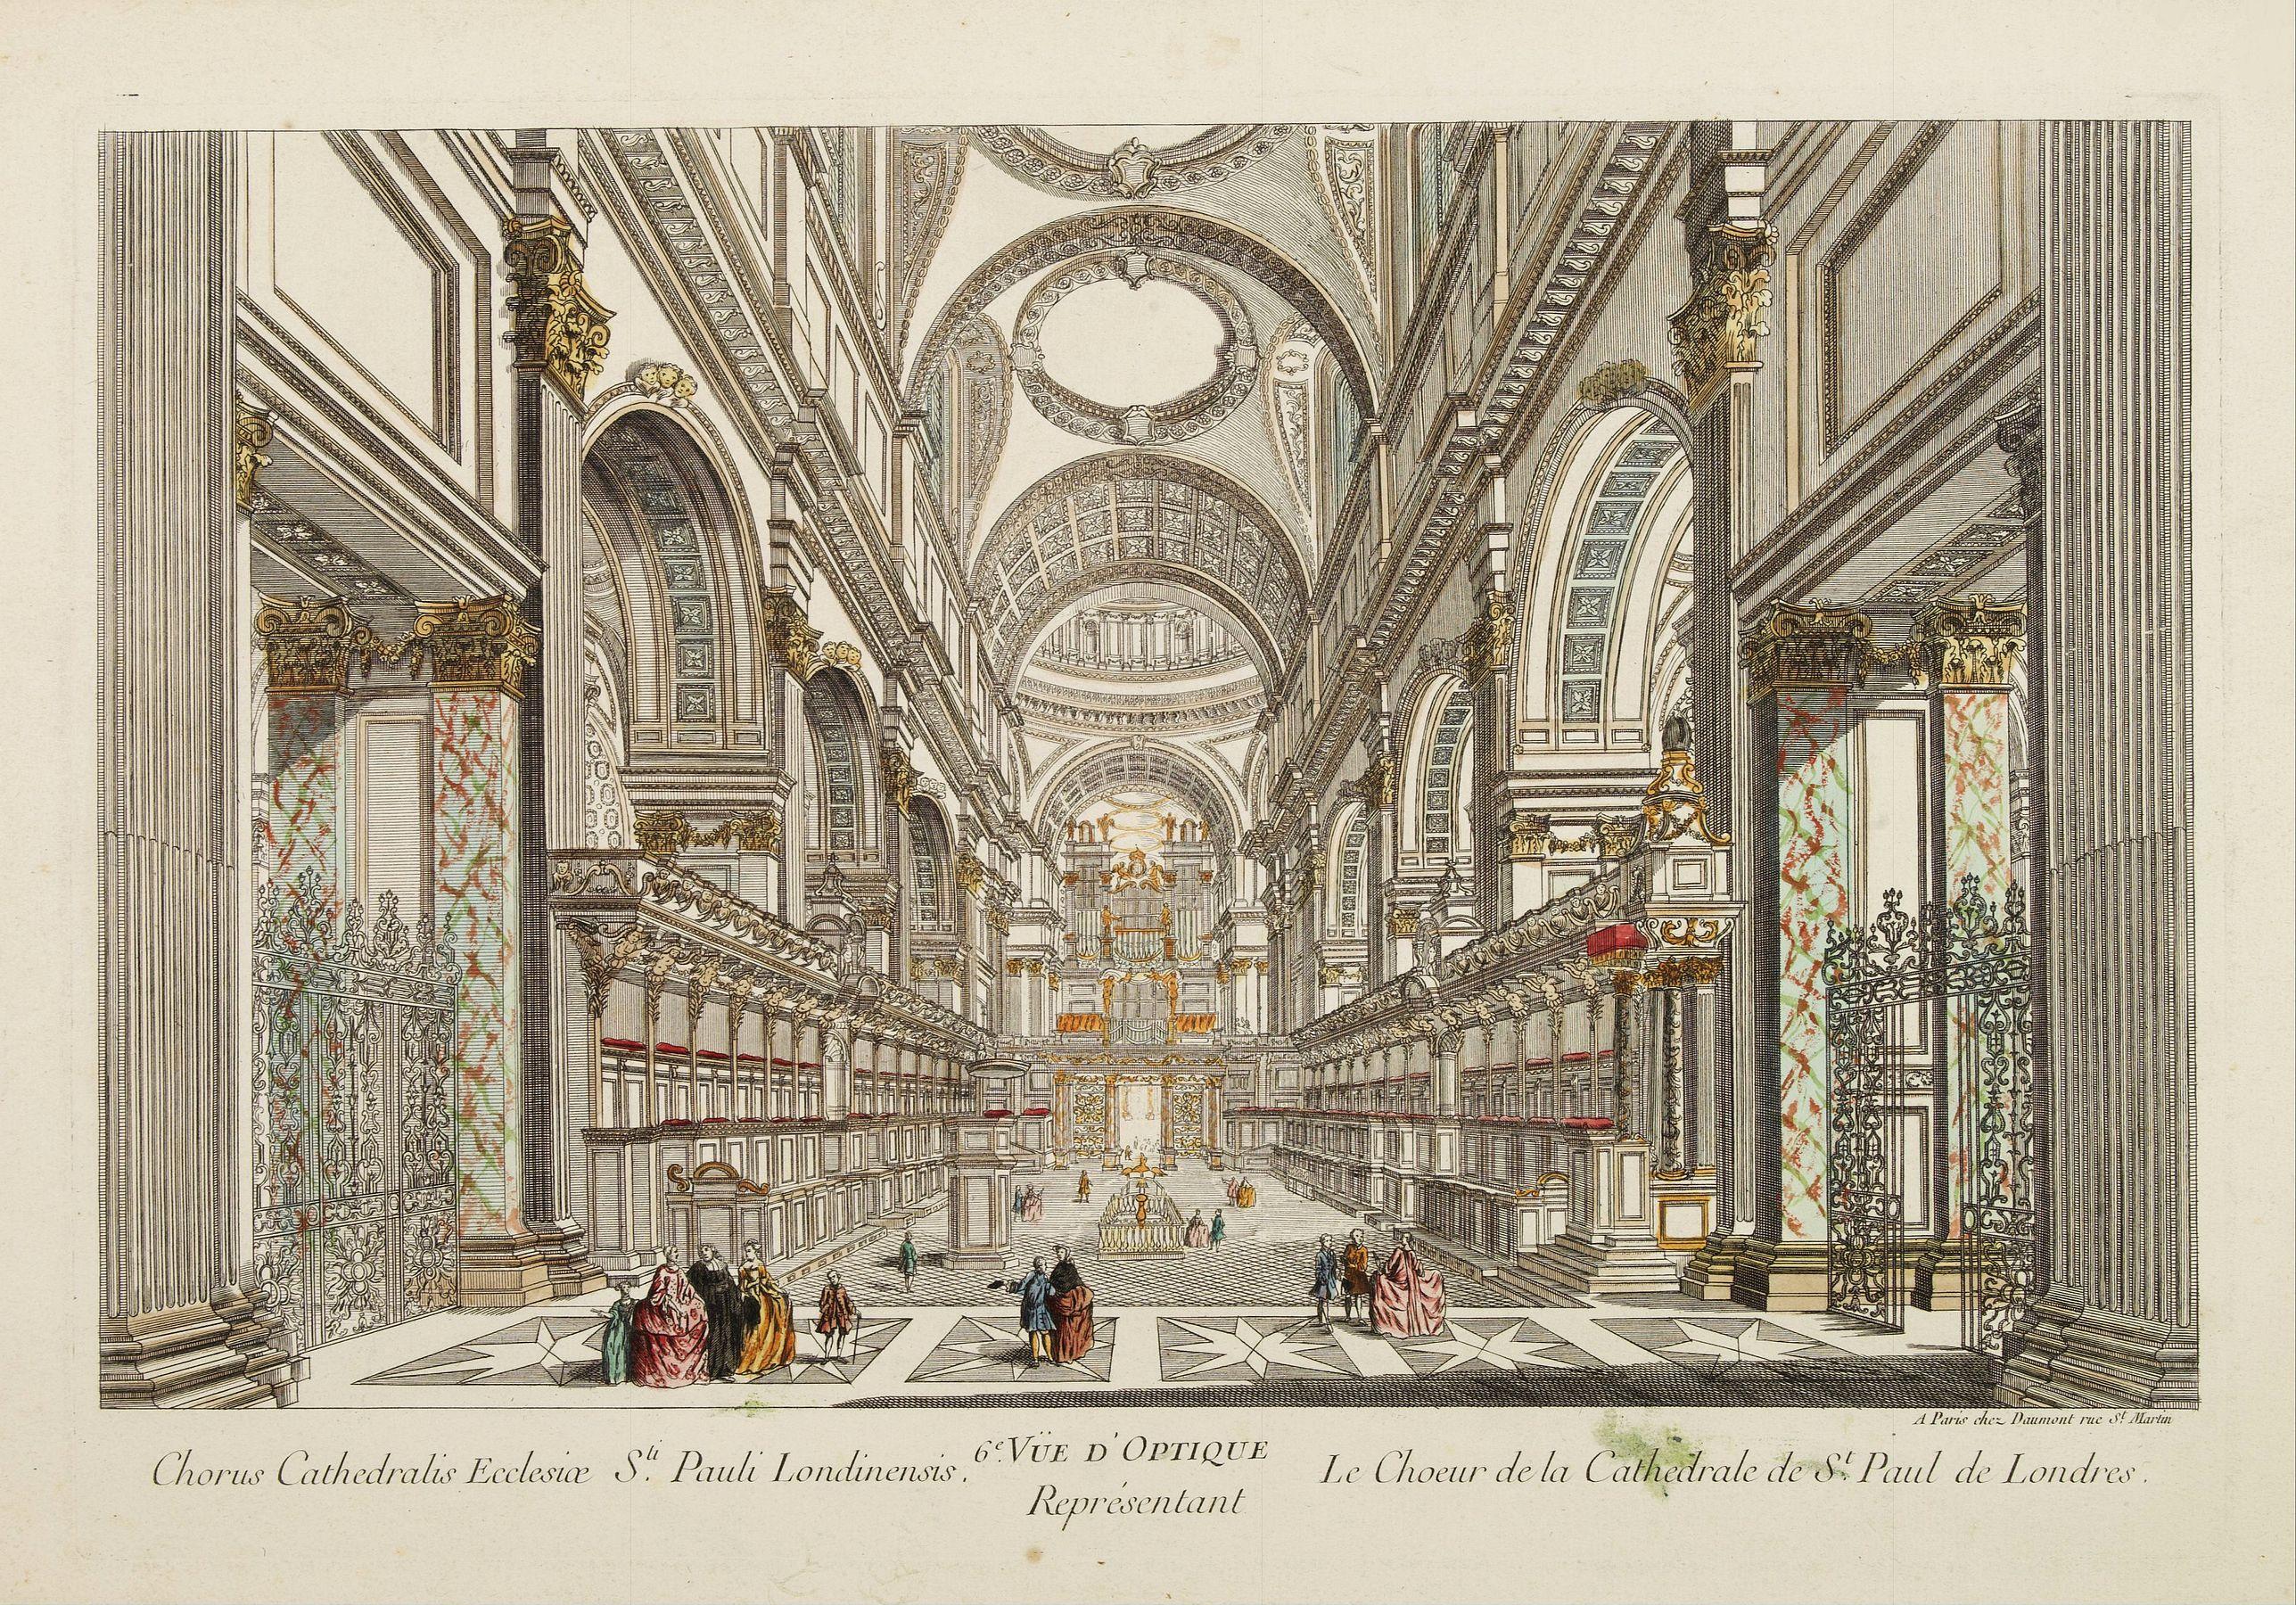 DAUMONT -  6e Vüe d'Optique Représentant Le Chœur de la Cathedrale de St. Paul de Londres.